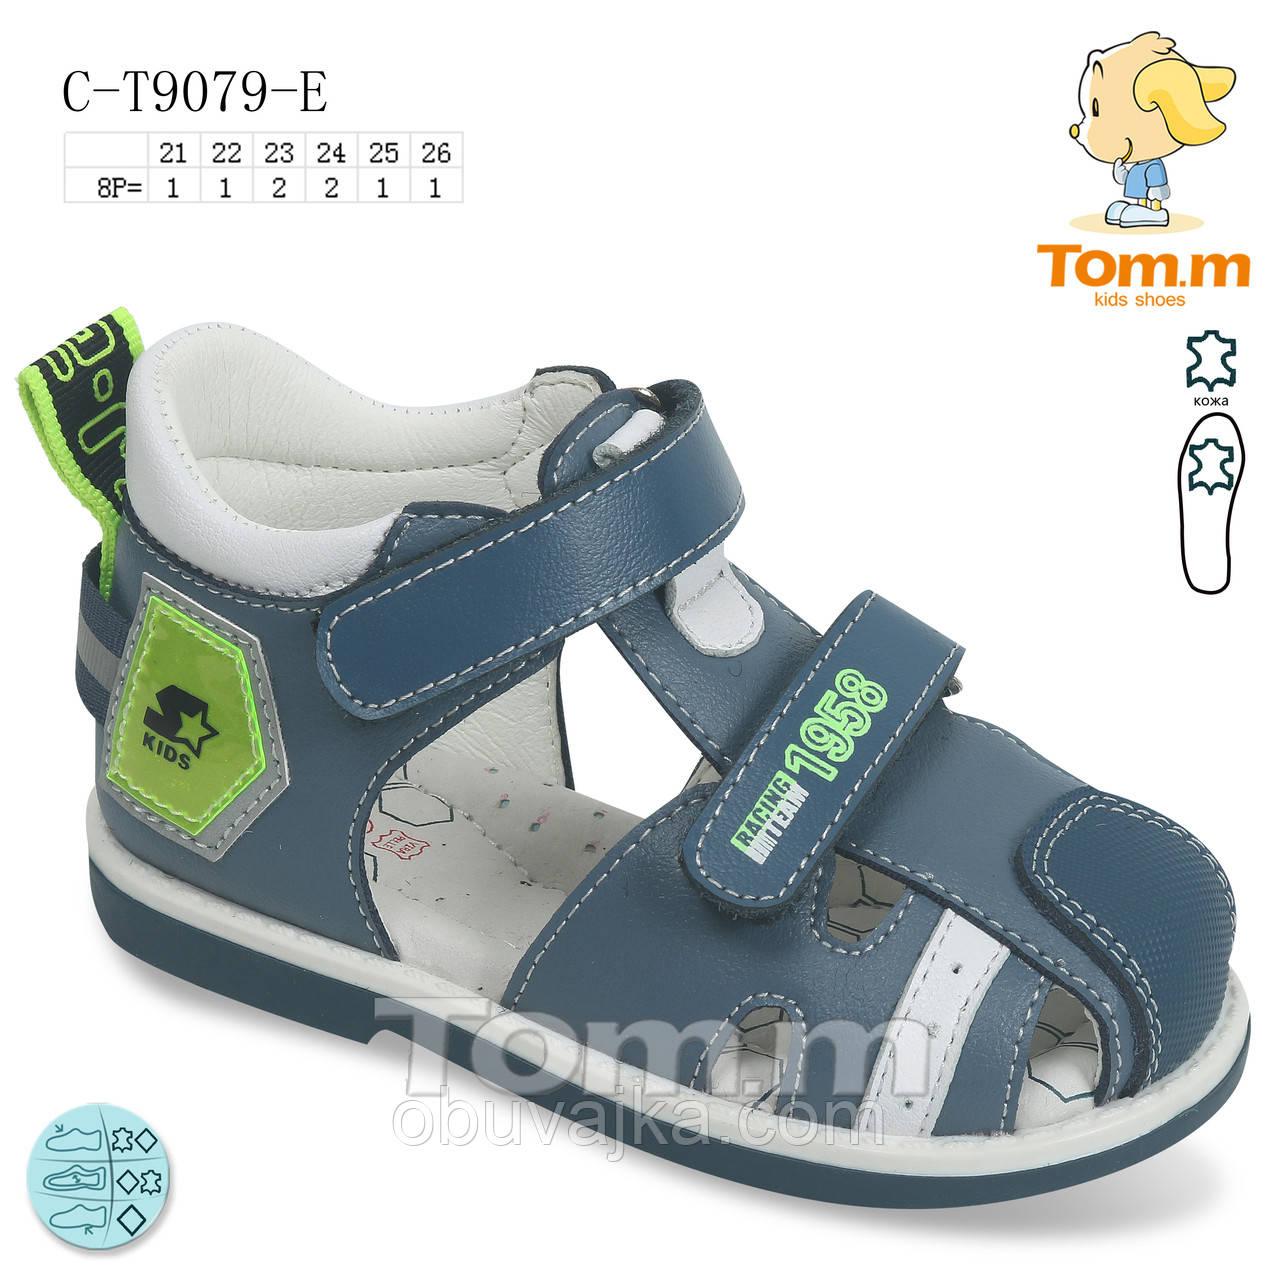 Детская летняя обувь 2021 оптом. Детские босоножки бренда Tom m для мальчиков (рр. с 21 по 26)